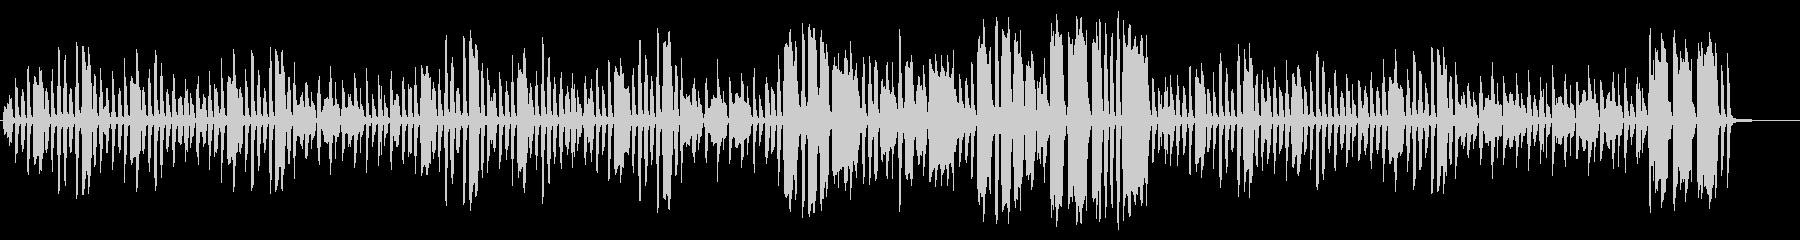 ほのぼのとしたリコーダーとピアノの未再生の波形